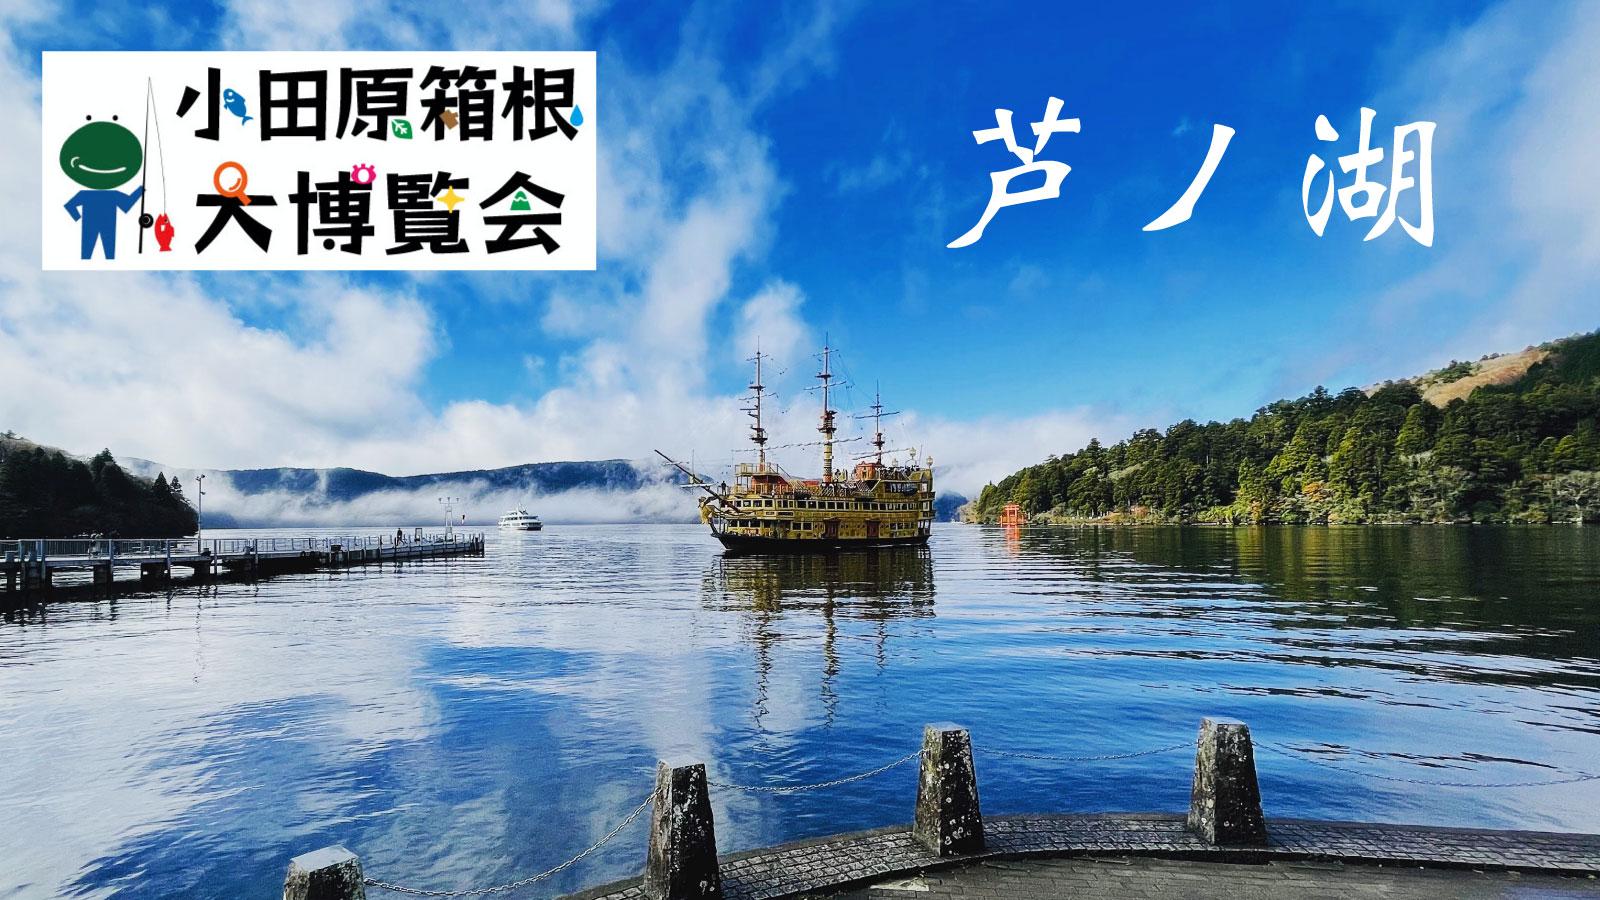 芦ノ湖フォトコン決戦